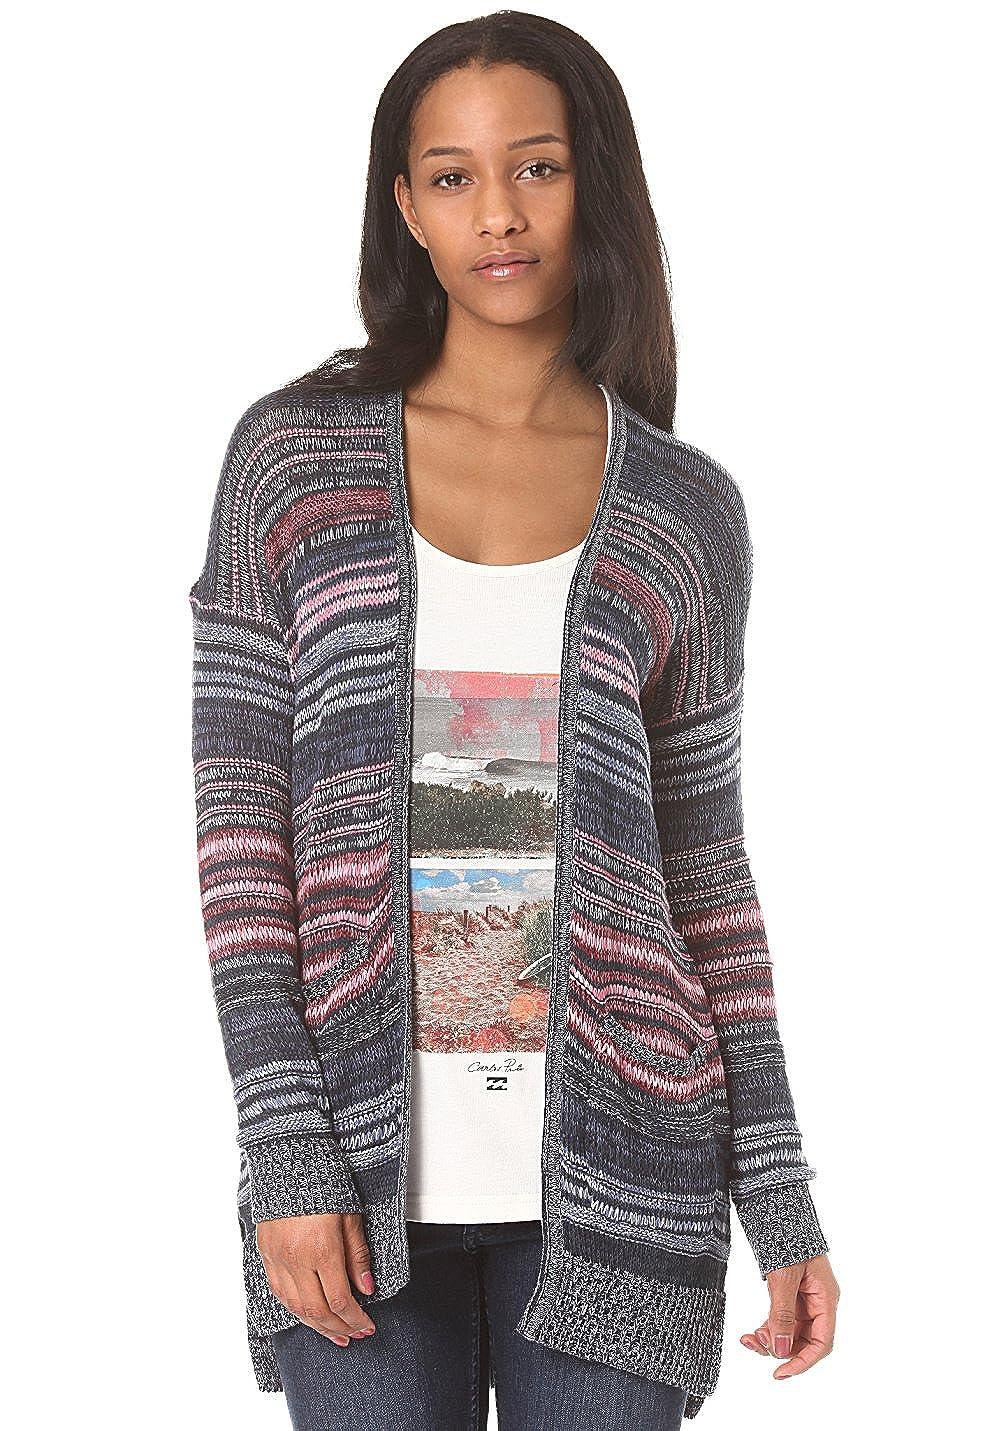 TALLA S. BILLABONG Sweater a Rayas Mujer.